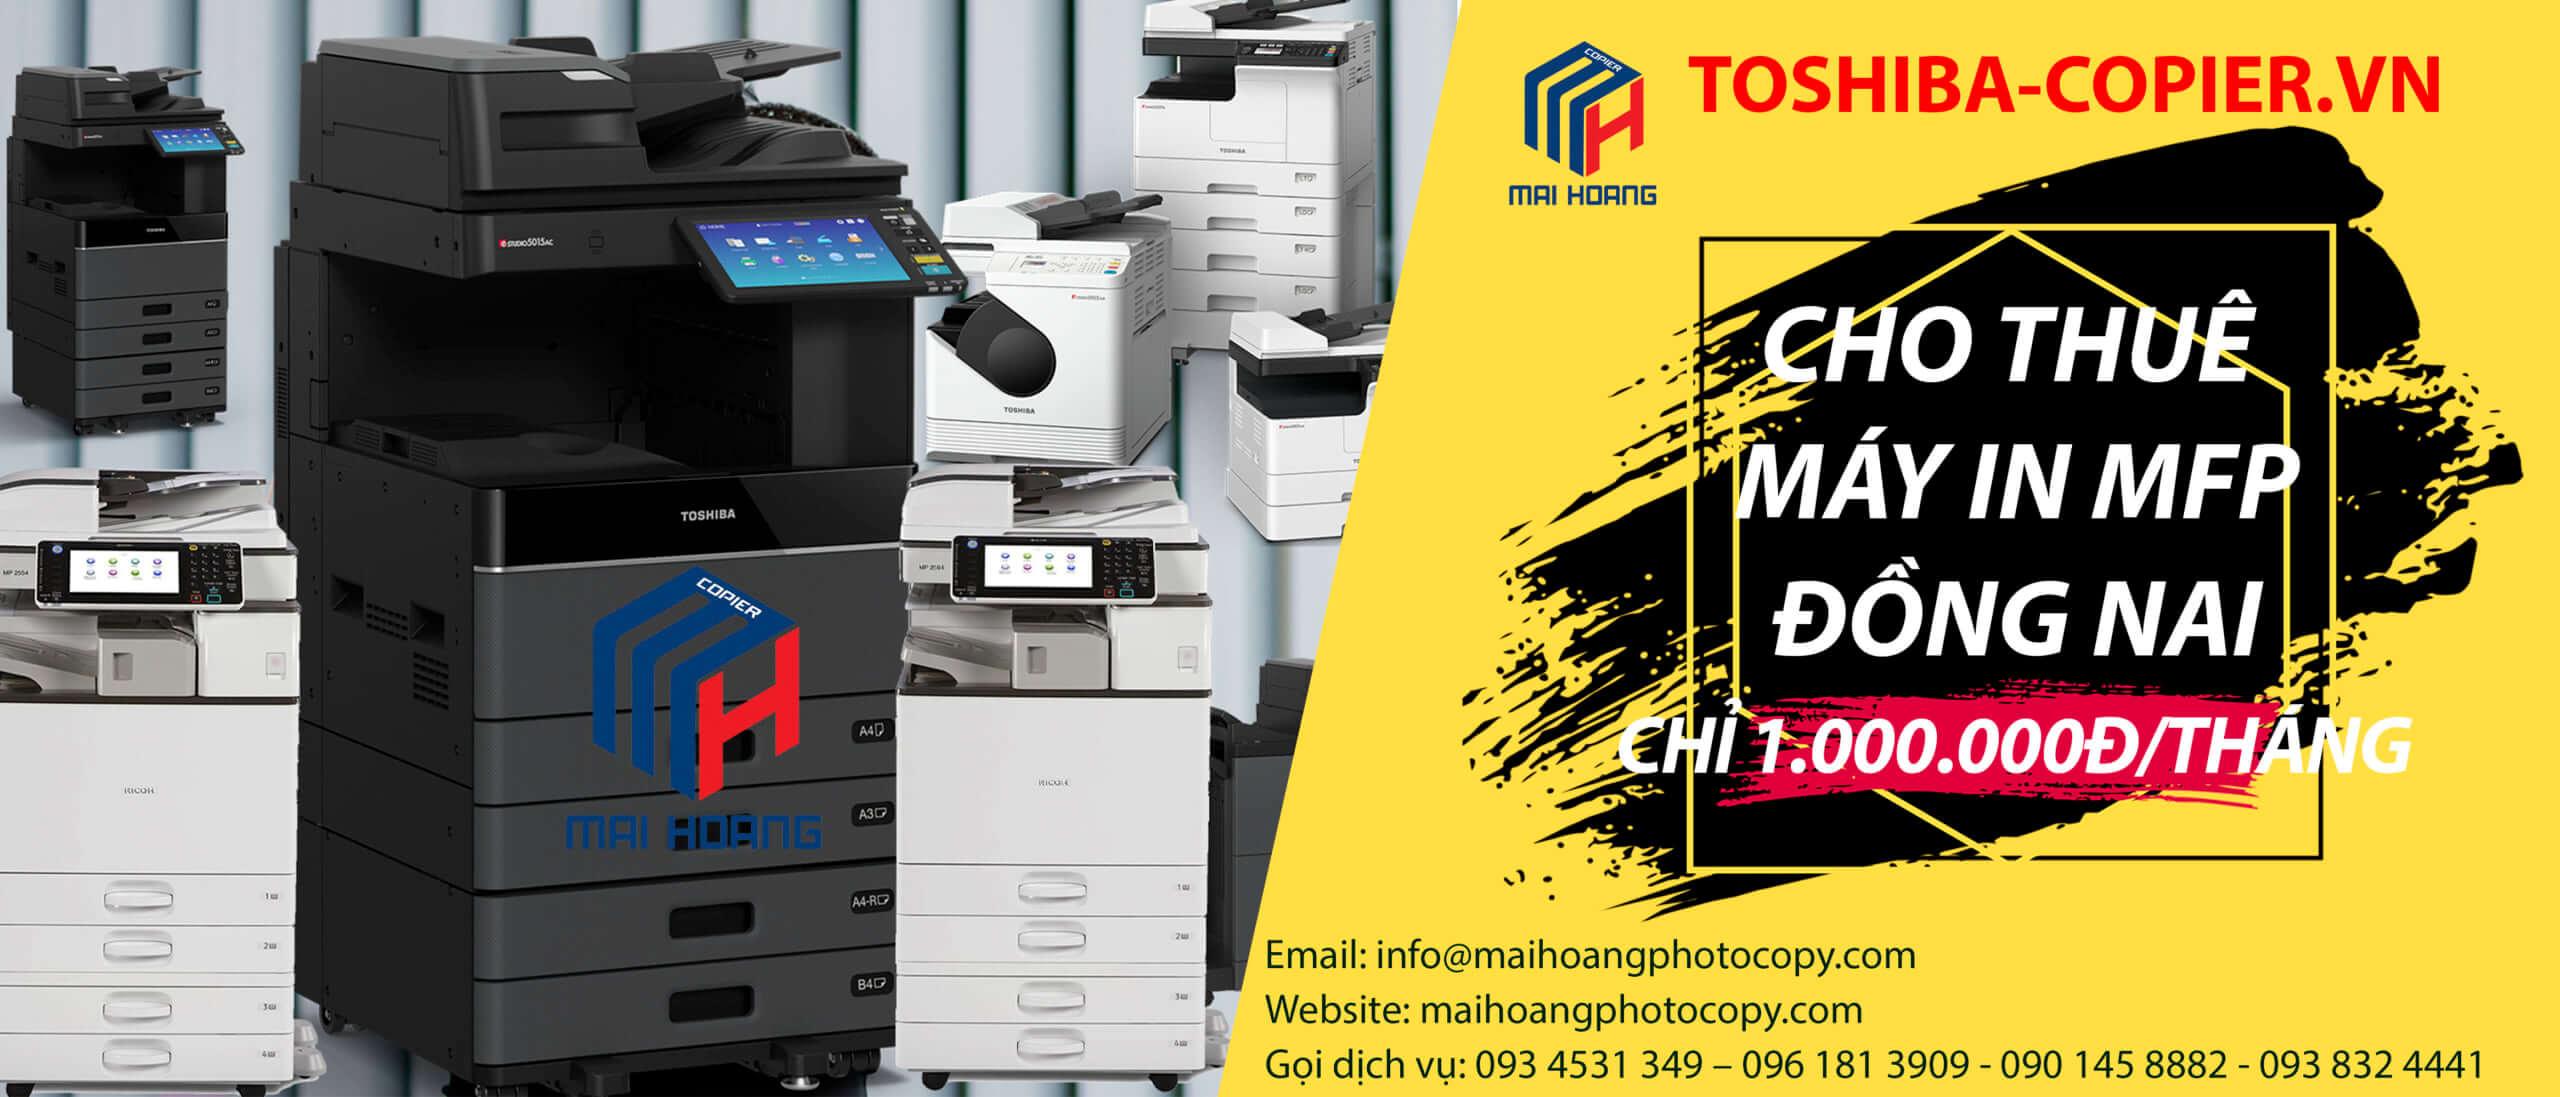 Cho thuê máy photocopy tại đồng nai kiểm tra máy định kỳ cho quý khách, đảm bảo máy luôn hoạt động tốt nhất. Nếu máy hư hỏng nặng, việc sửa chữa kéo dài, để tránh làm gián đoạn công việc của quý khách